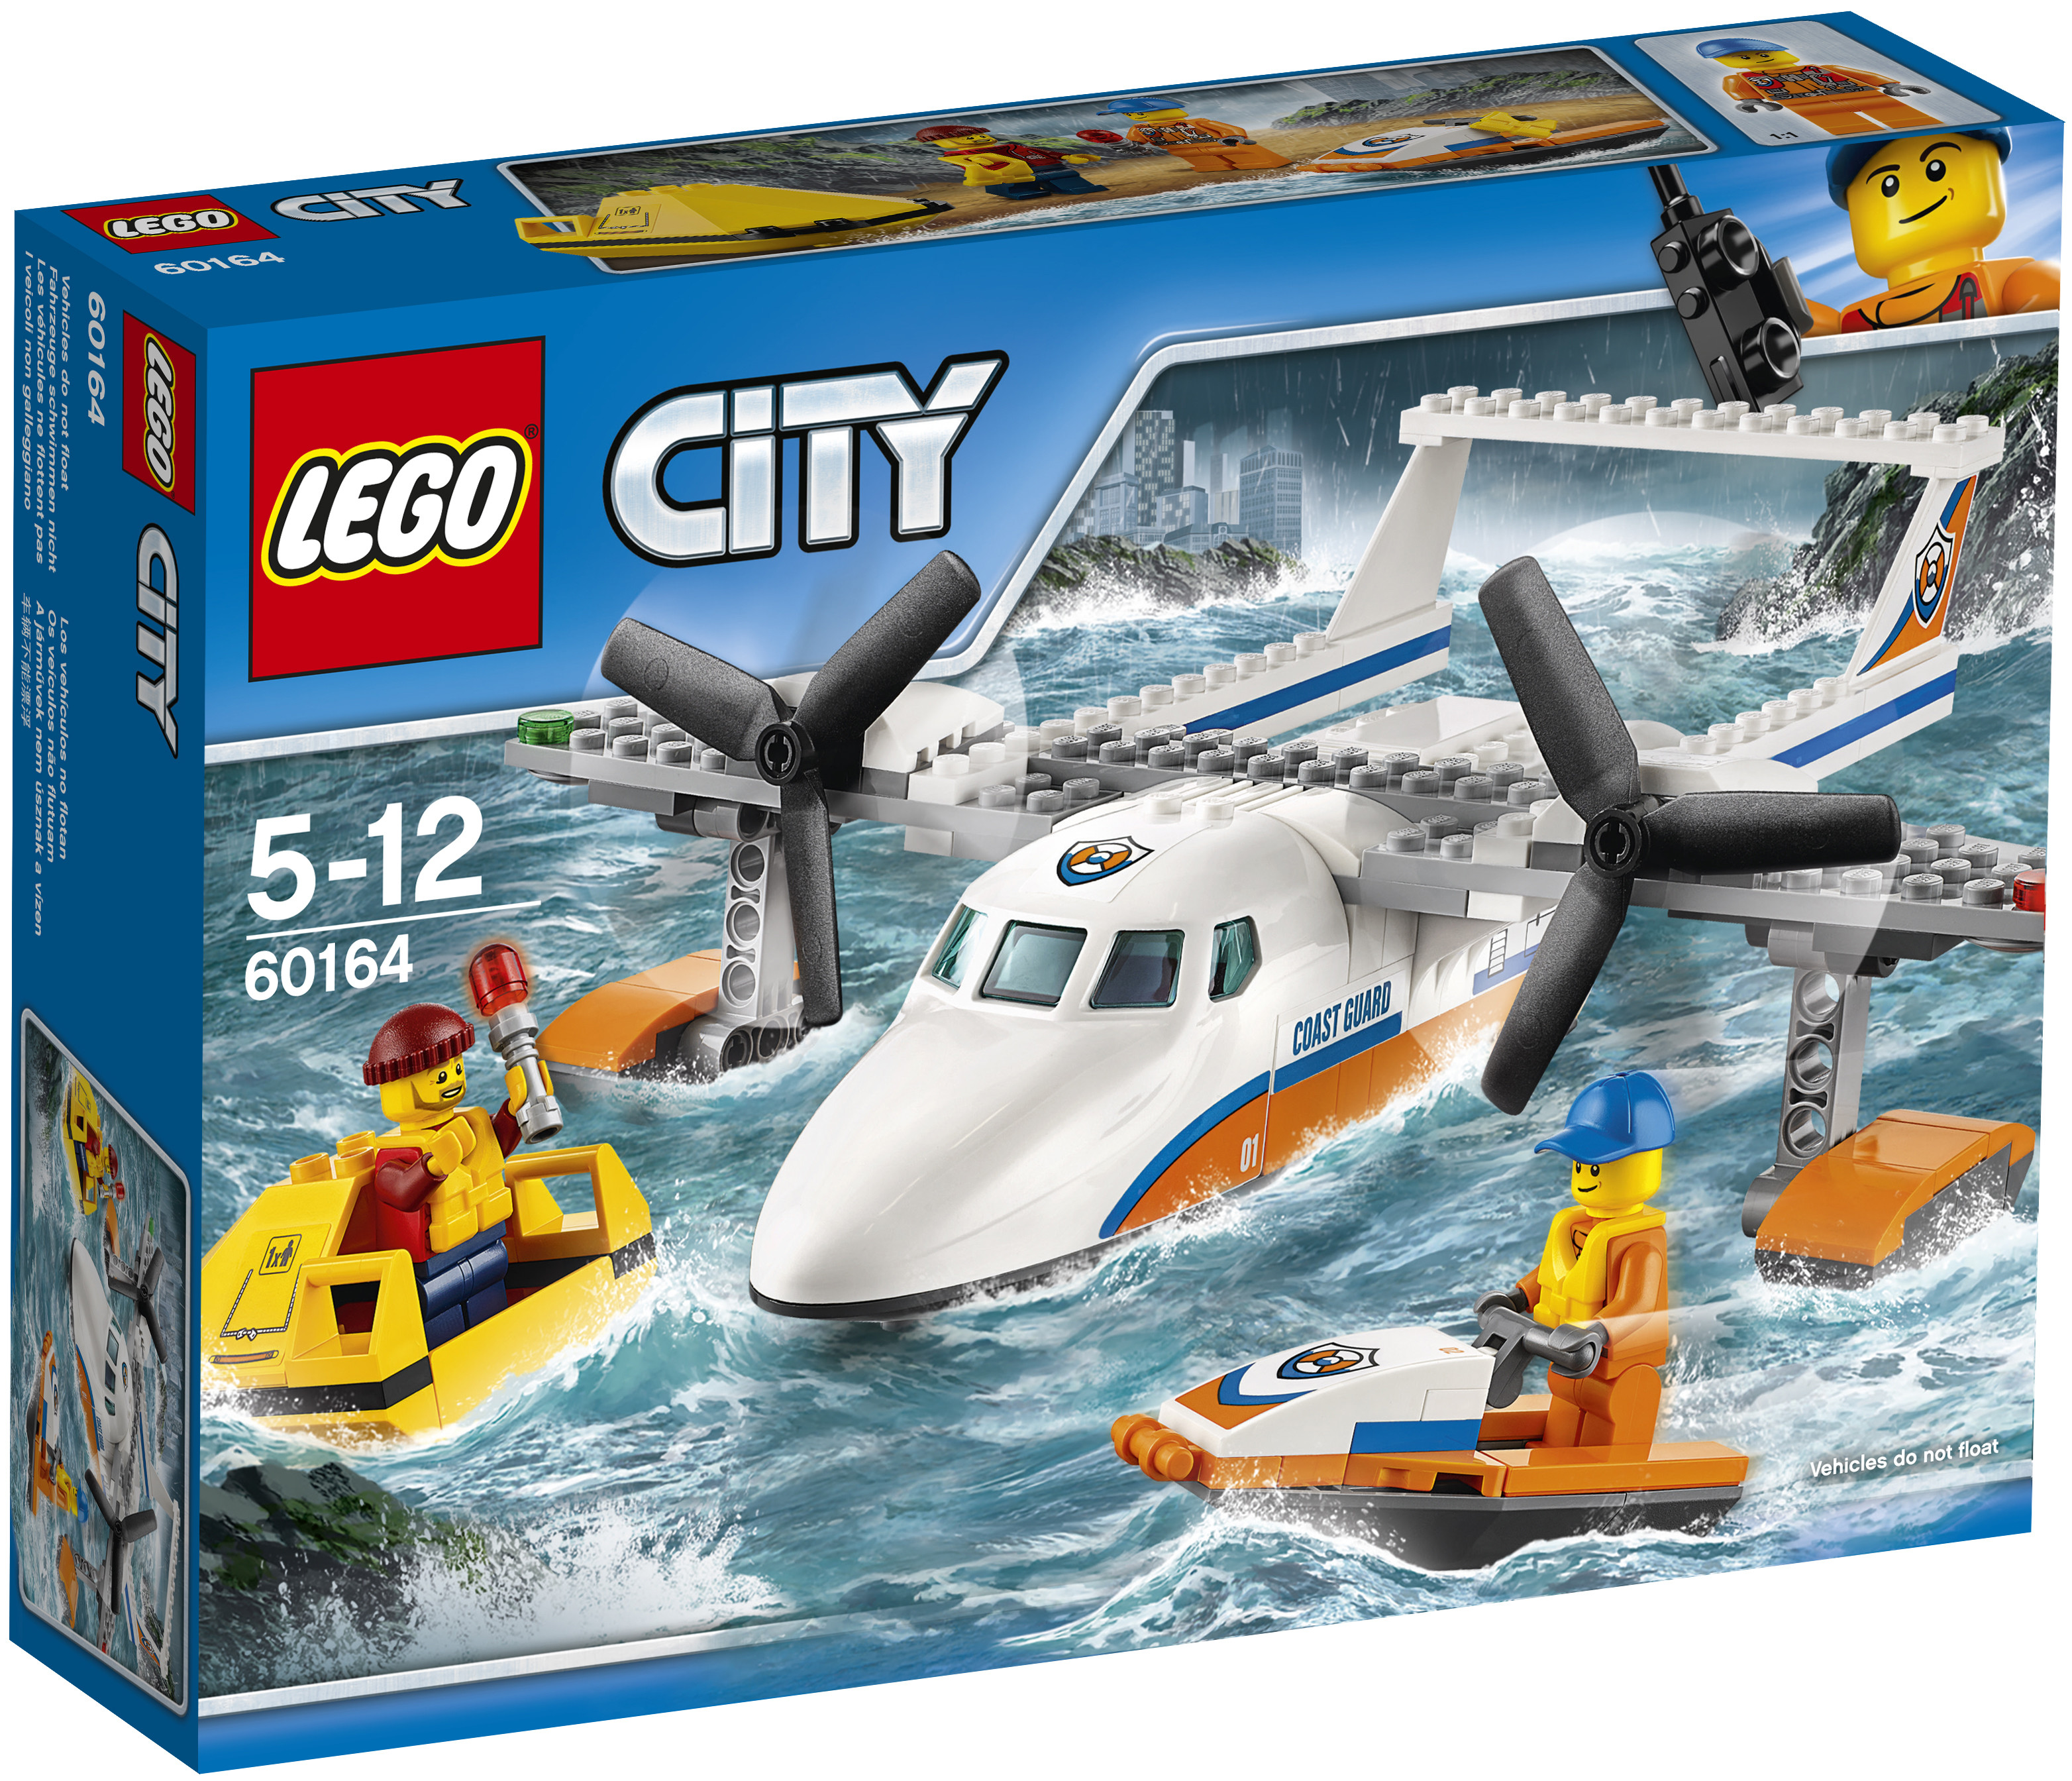 LEGO LEGO City Coast Guard 60164 Спасательный самолет береговой охраны конструктор lele city сверхмощный спасательный 448 дет 02068